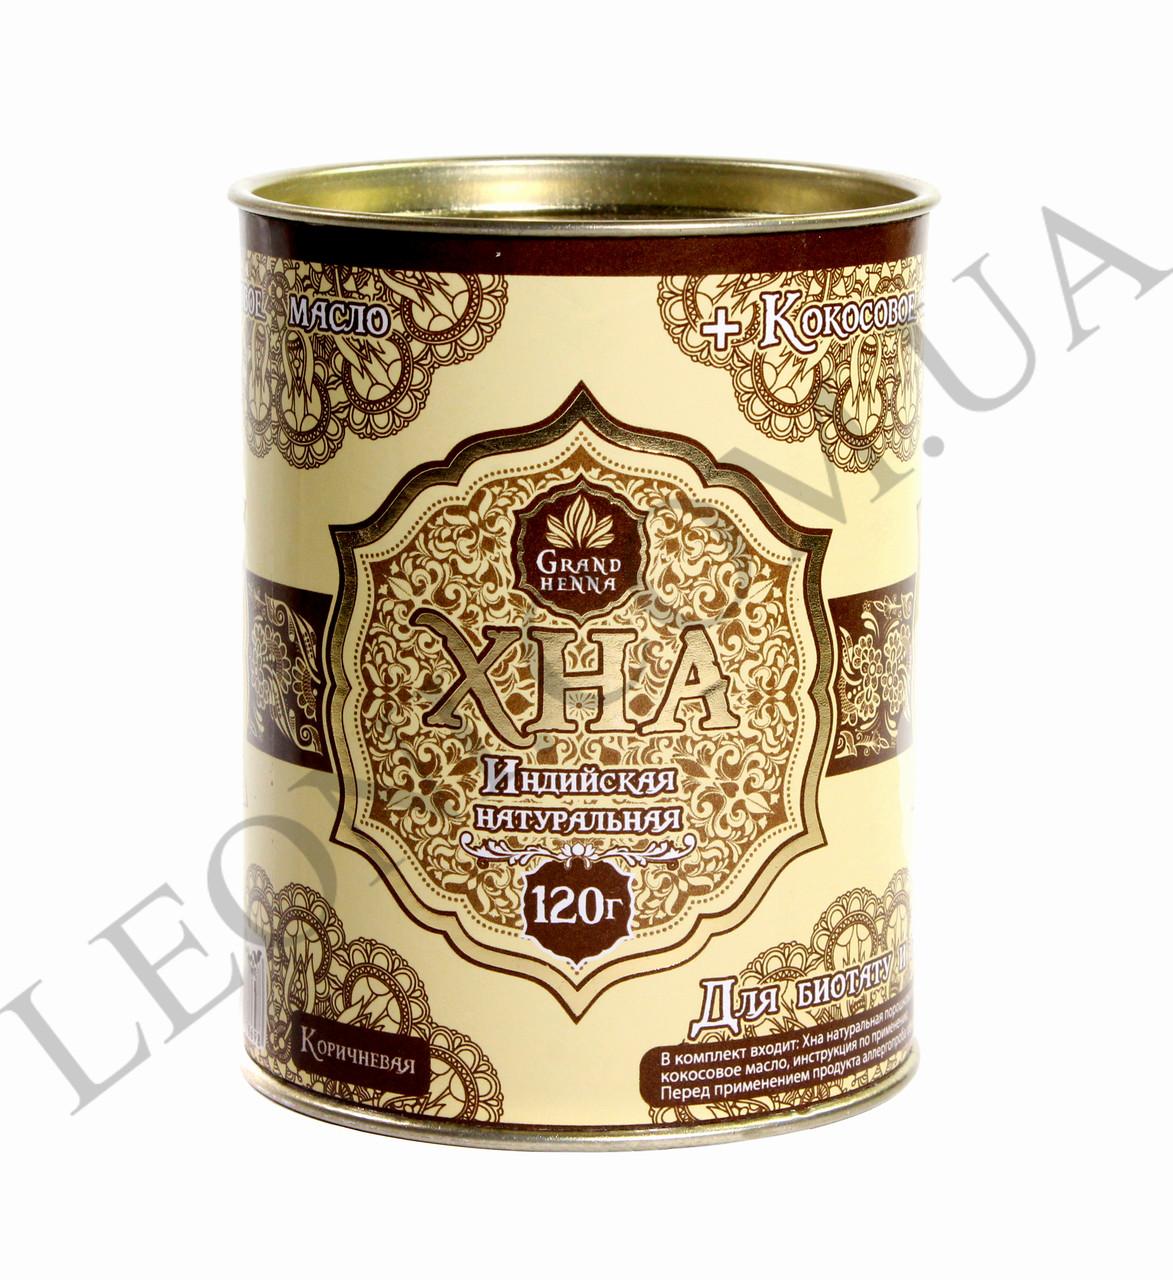 Хна для Биотату и Бровей Grand Henna (Коричневая) 120г.